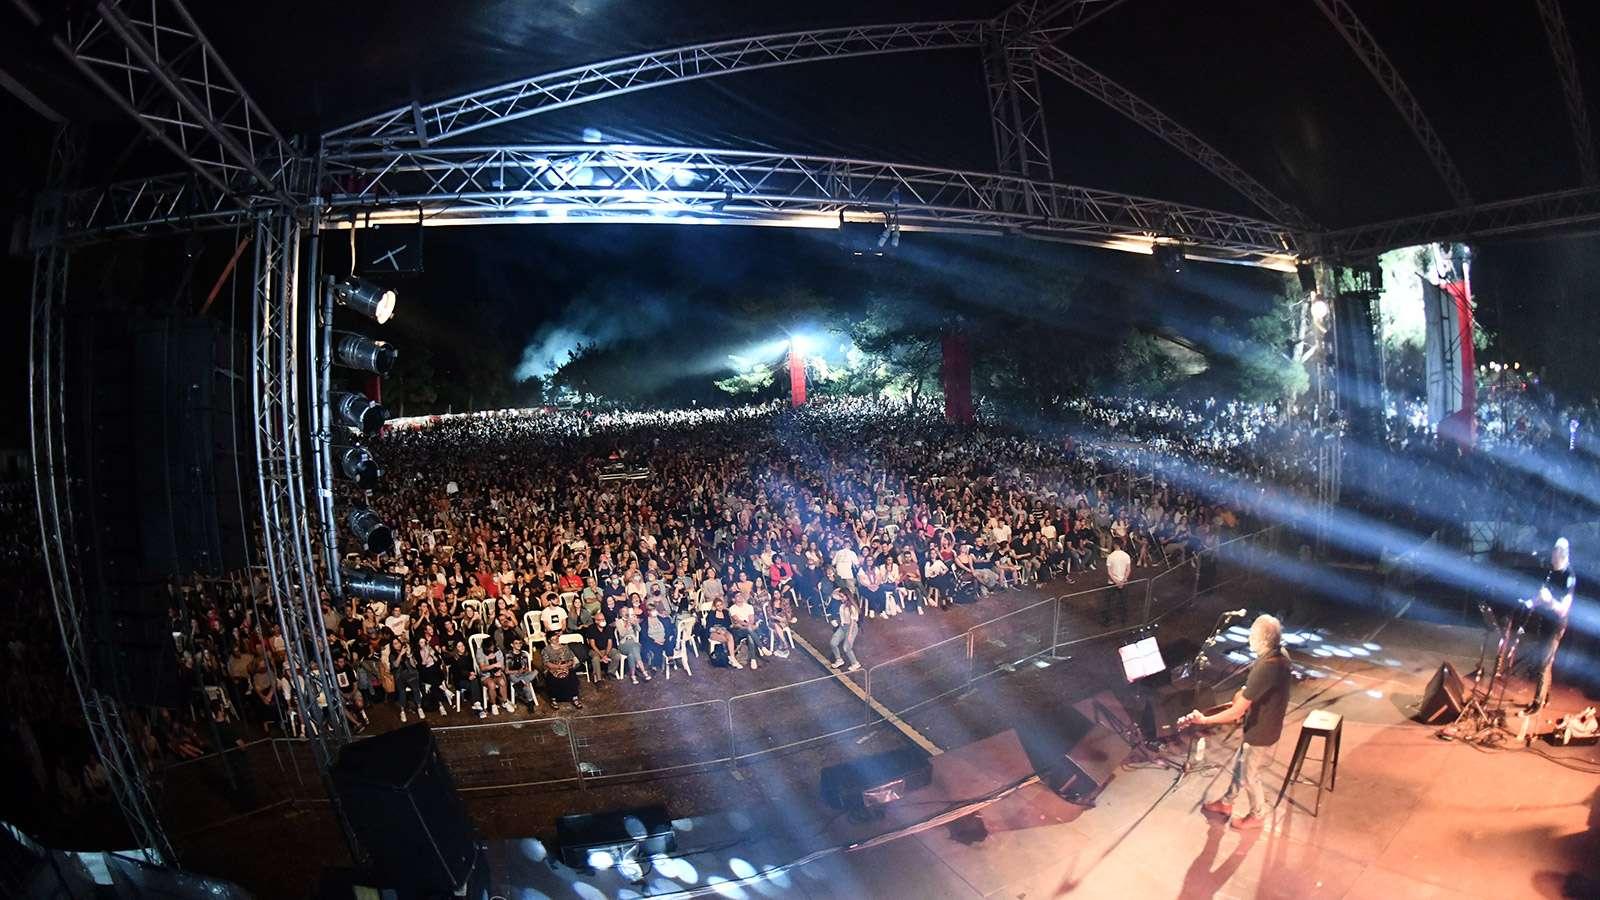 47ο Φεστιβάλ ΚΝΕ ΟΔΗΓΗΤΗ Θεσσαλονίκη pasxalidis thessaloniki